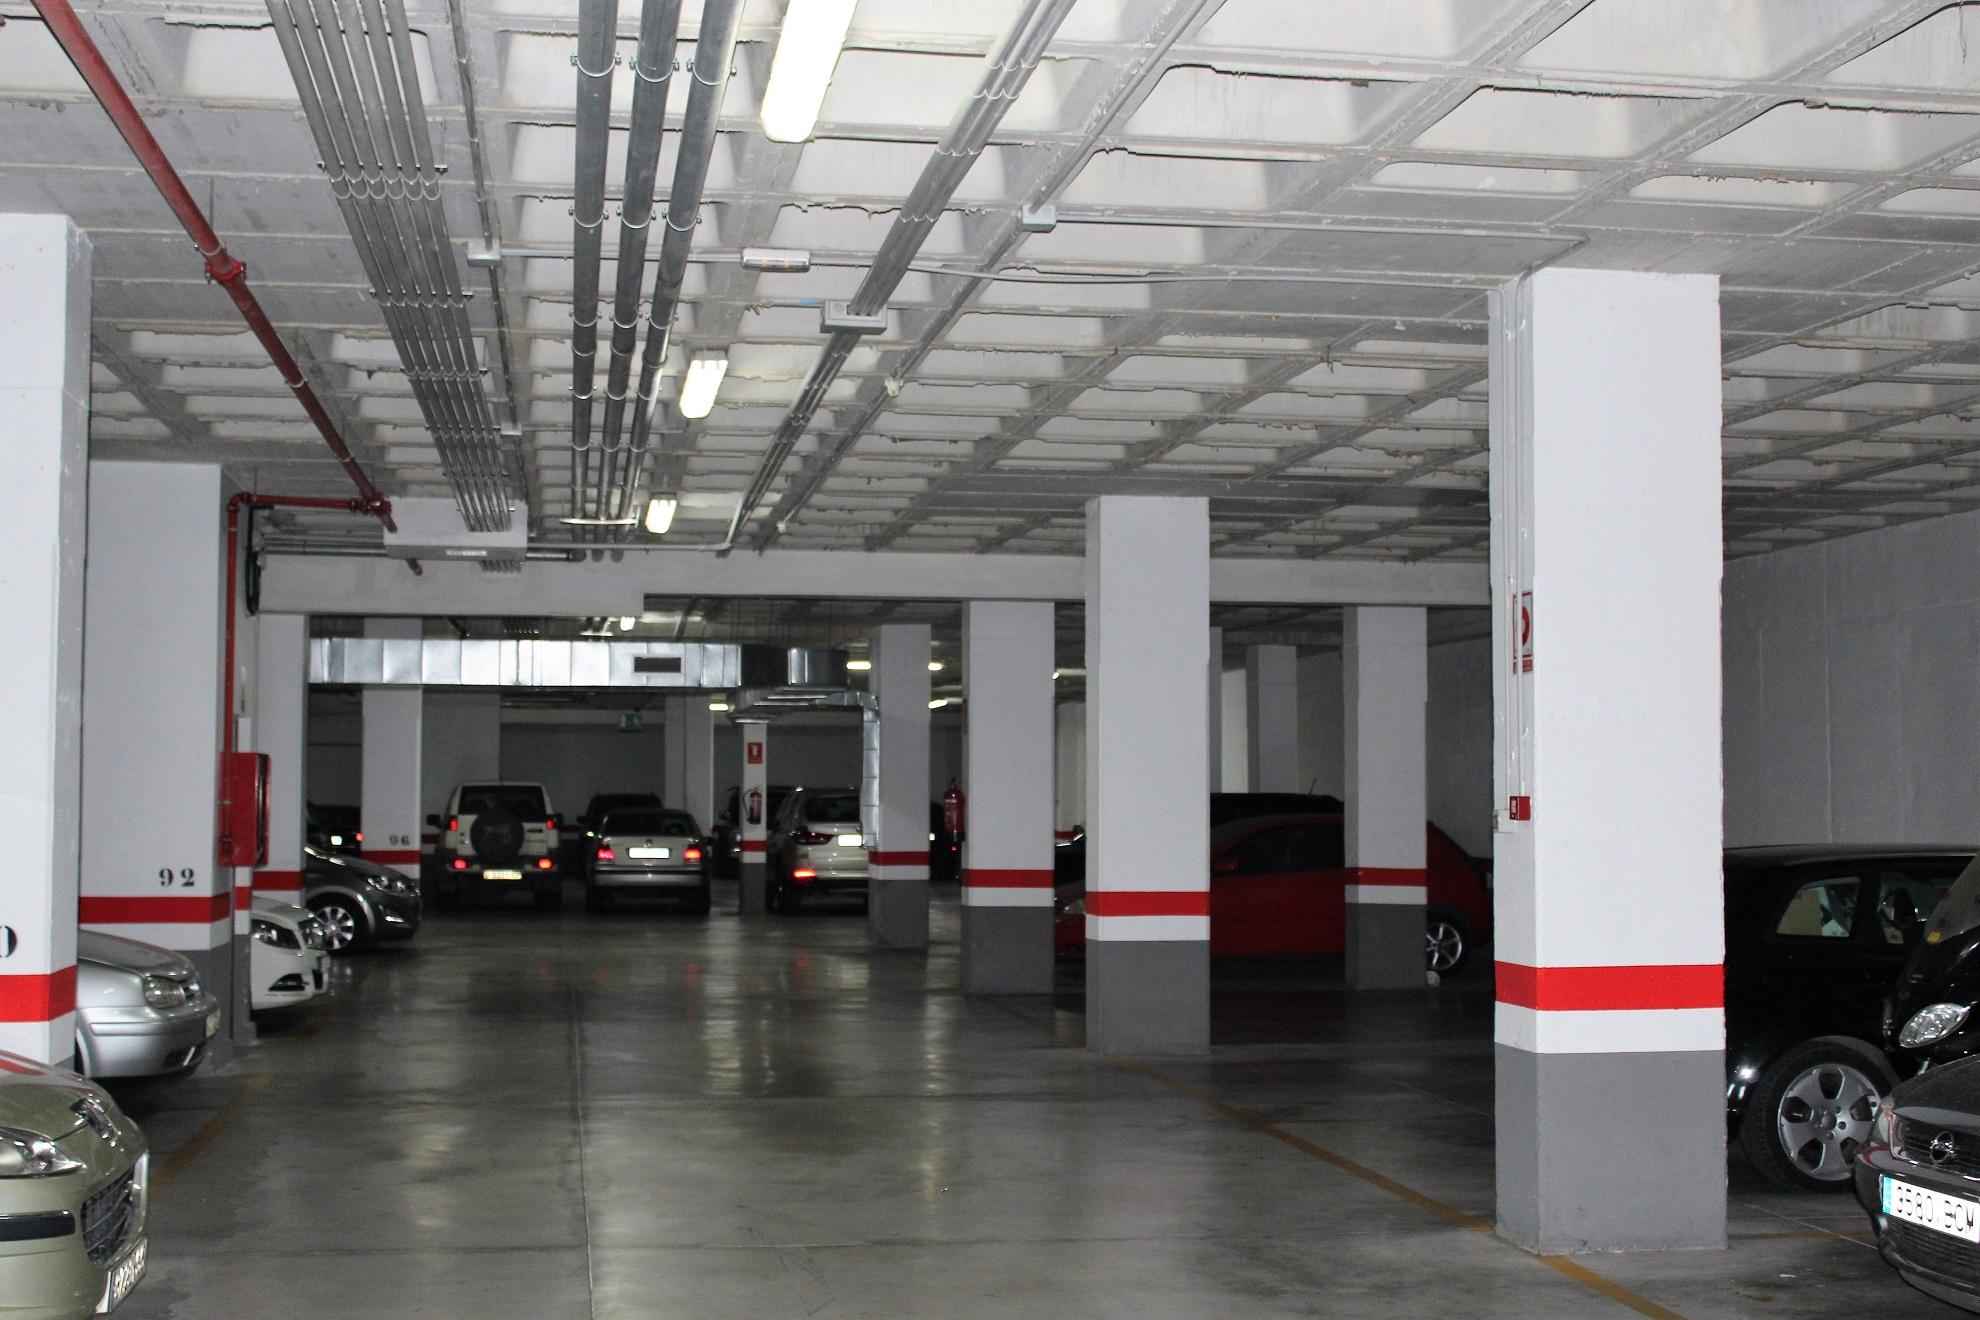 Proyecto de Instalaciones Aparcamiento Subterráneo para edificio en el Sector HO2 del P.G.O.U de Elche, Partida de la Hoya